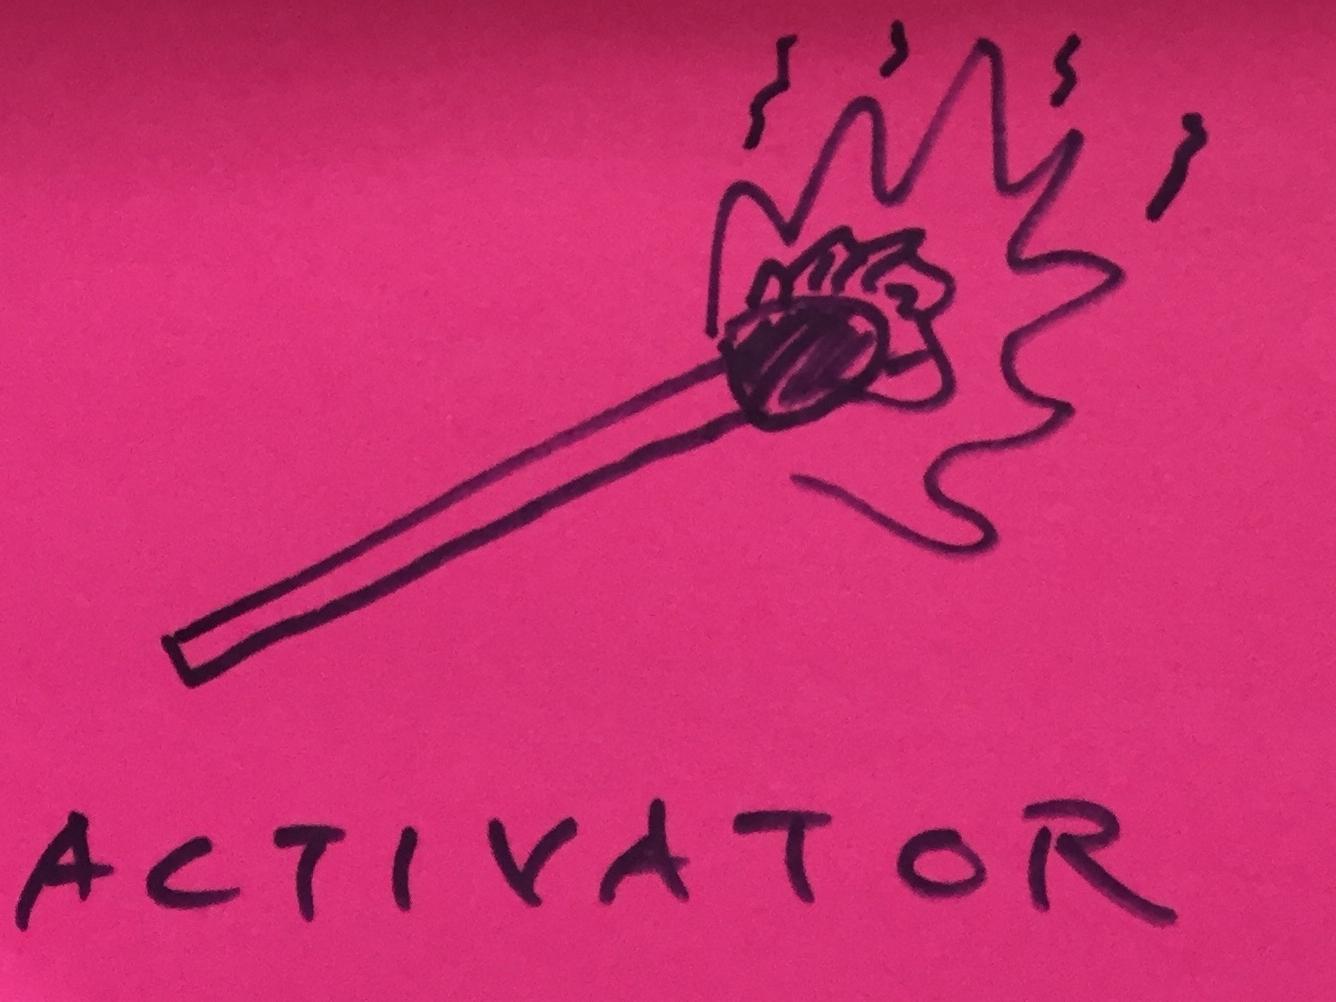 Activator Strengthsfinder Match Ignite